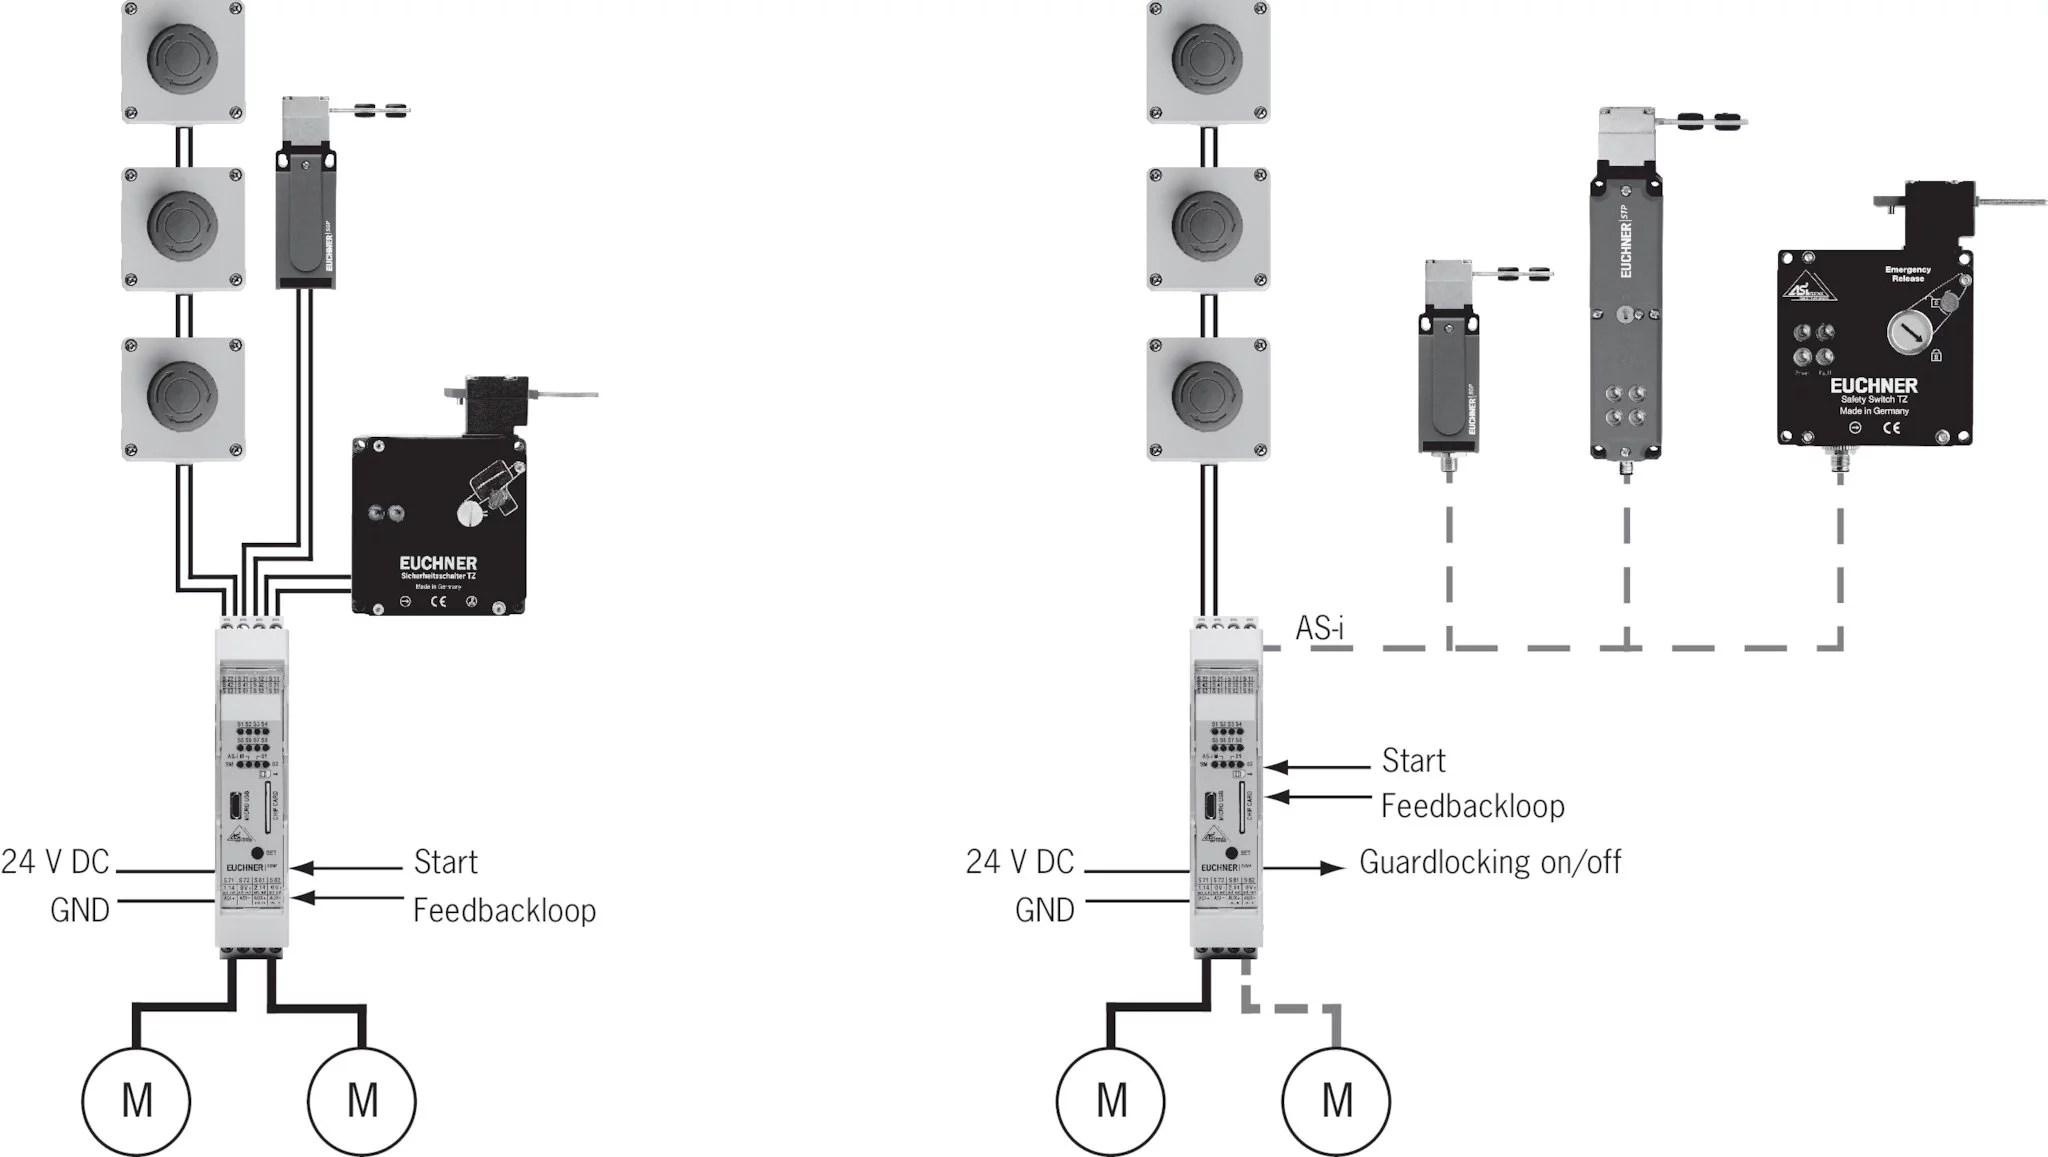 SBM-11-N08 Safety Basis Monitor SBM | EUCHNER